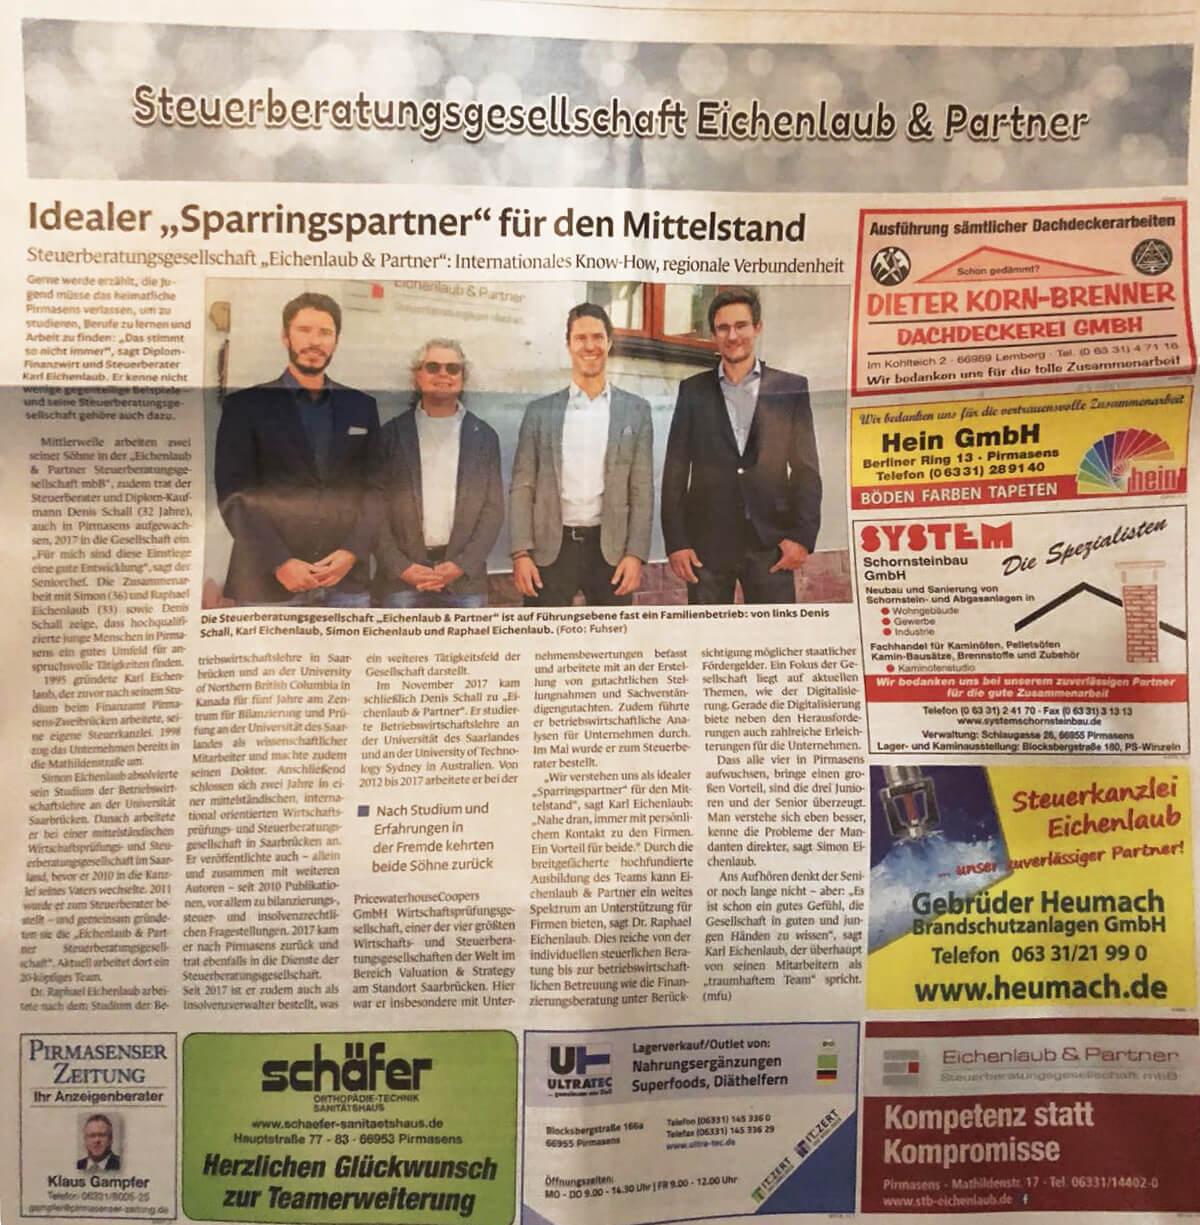 Eichenlaub & Partner in der Lokalpresse